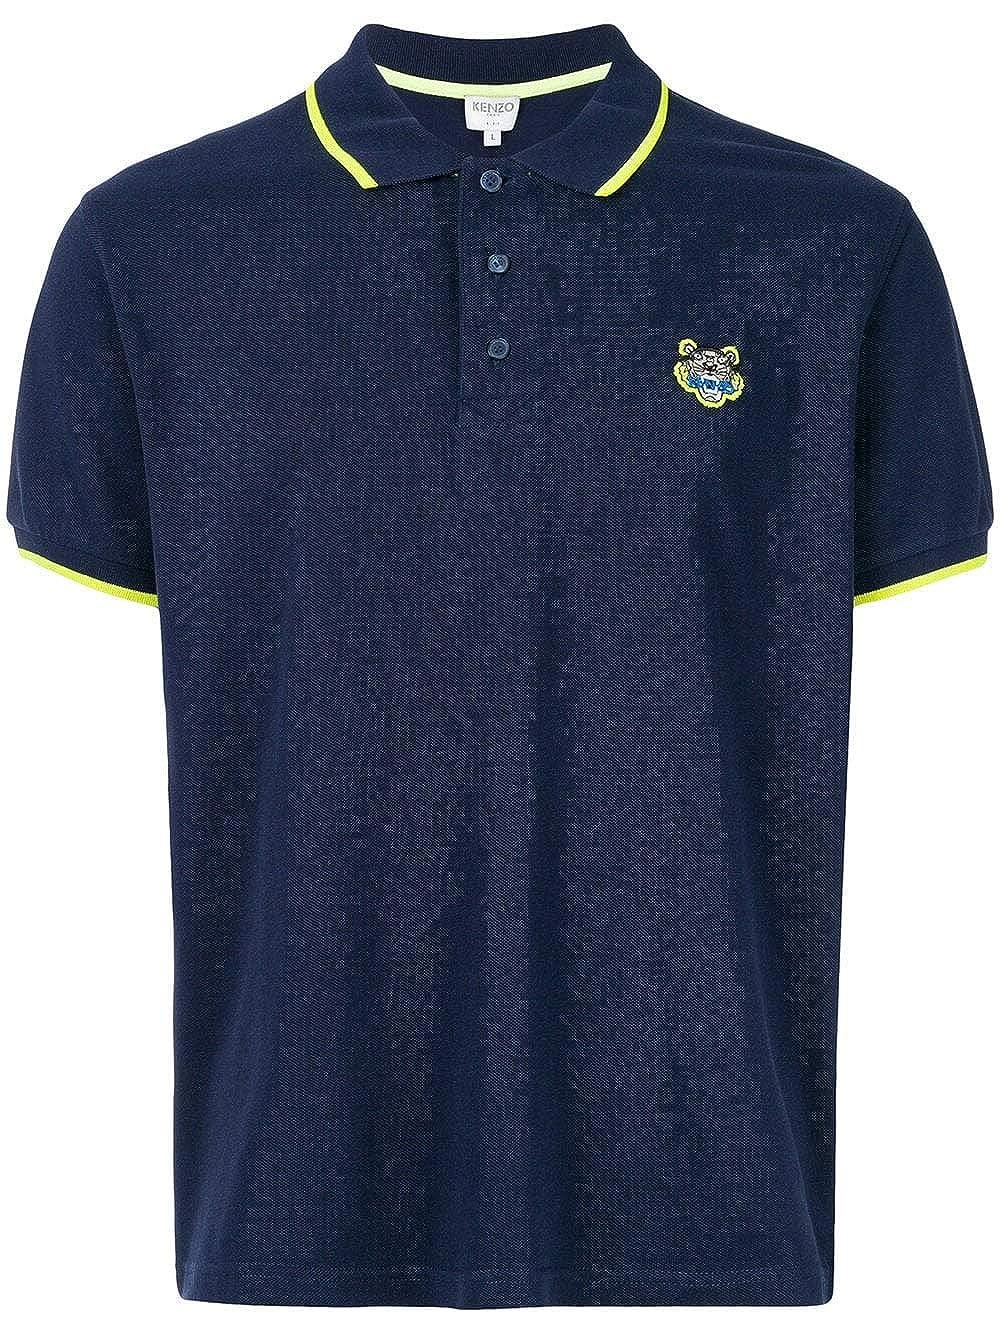 4e16dca637 Kenzo Men's Tiger Head Polo Shirt Navy Blue XXXL at Amazon Men's ...